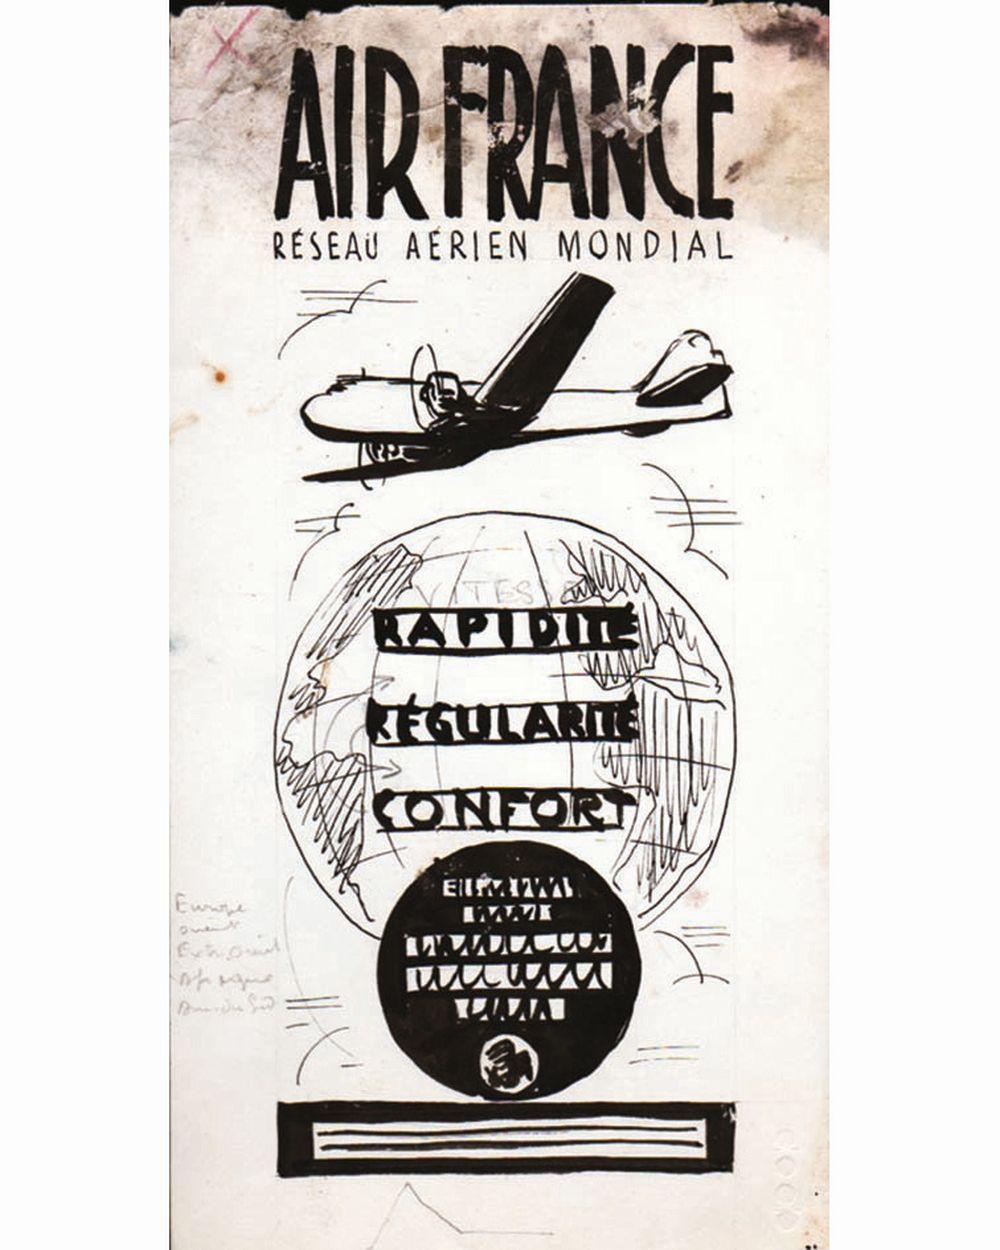 DOOB - Rapidité - Régularité Confort Air Francedessin à l'encre de chine drawing in china ink unic piece     1938